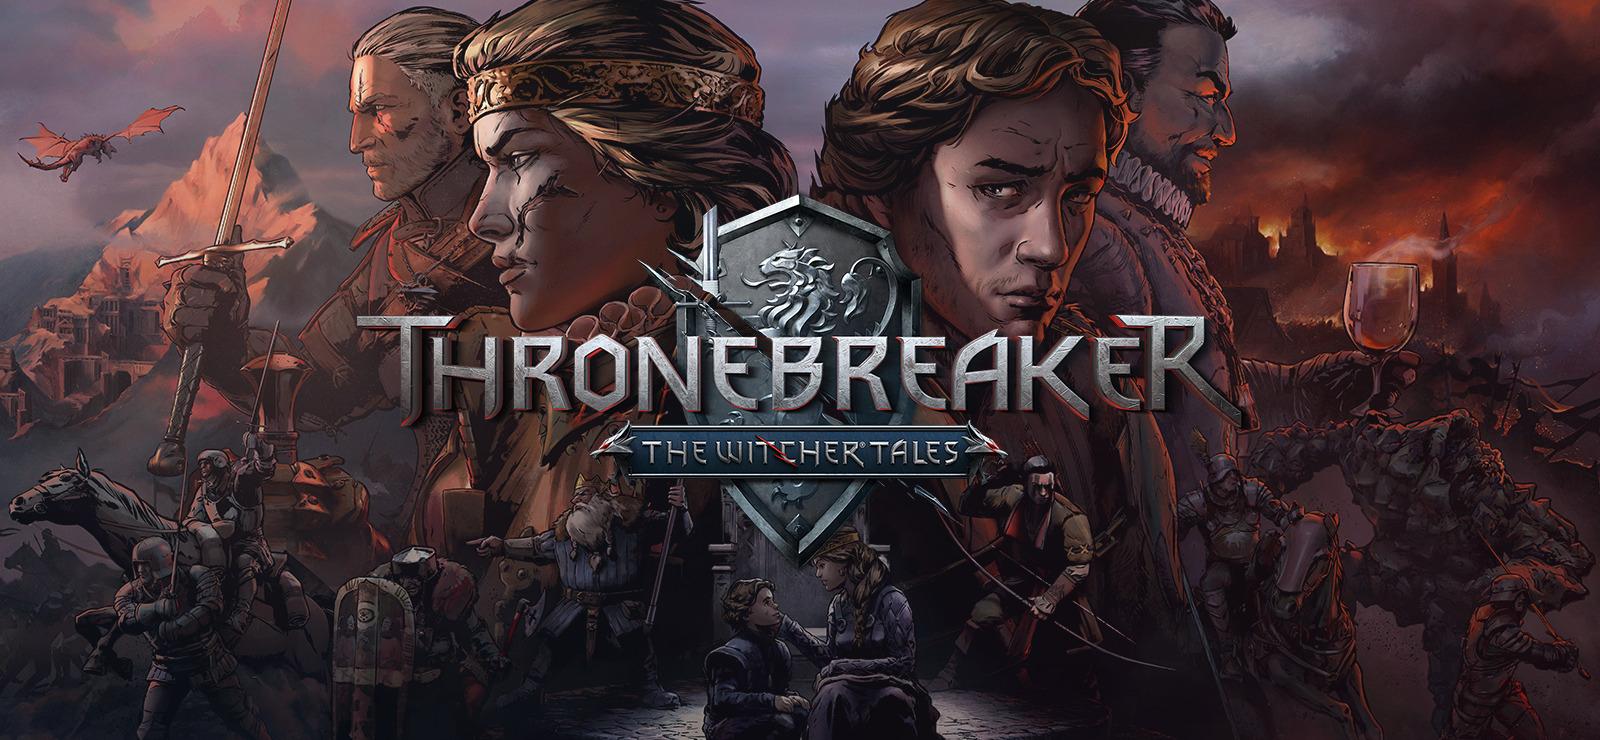 Thronebreaker: The Witcher Tales für 10€ oder Dragon Age™: Origins - Ultimate Edition für 5€ statt 9,27€: @ GOG